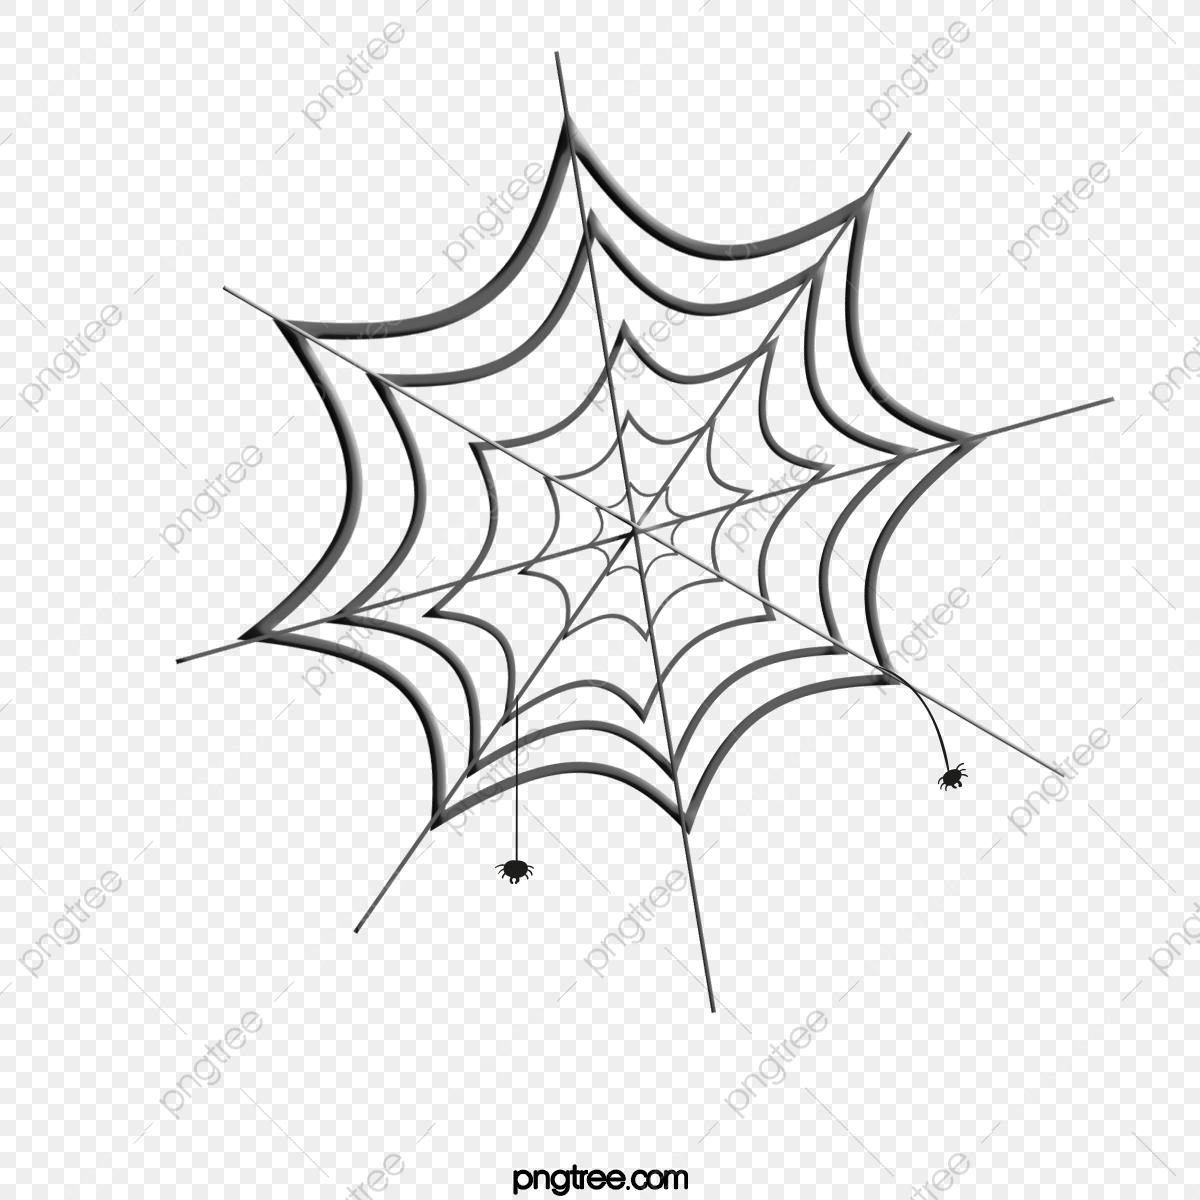 Illustration De Dessin Animé Texture Toile D'araignée Mignon dedans Dessiner Une Araignee